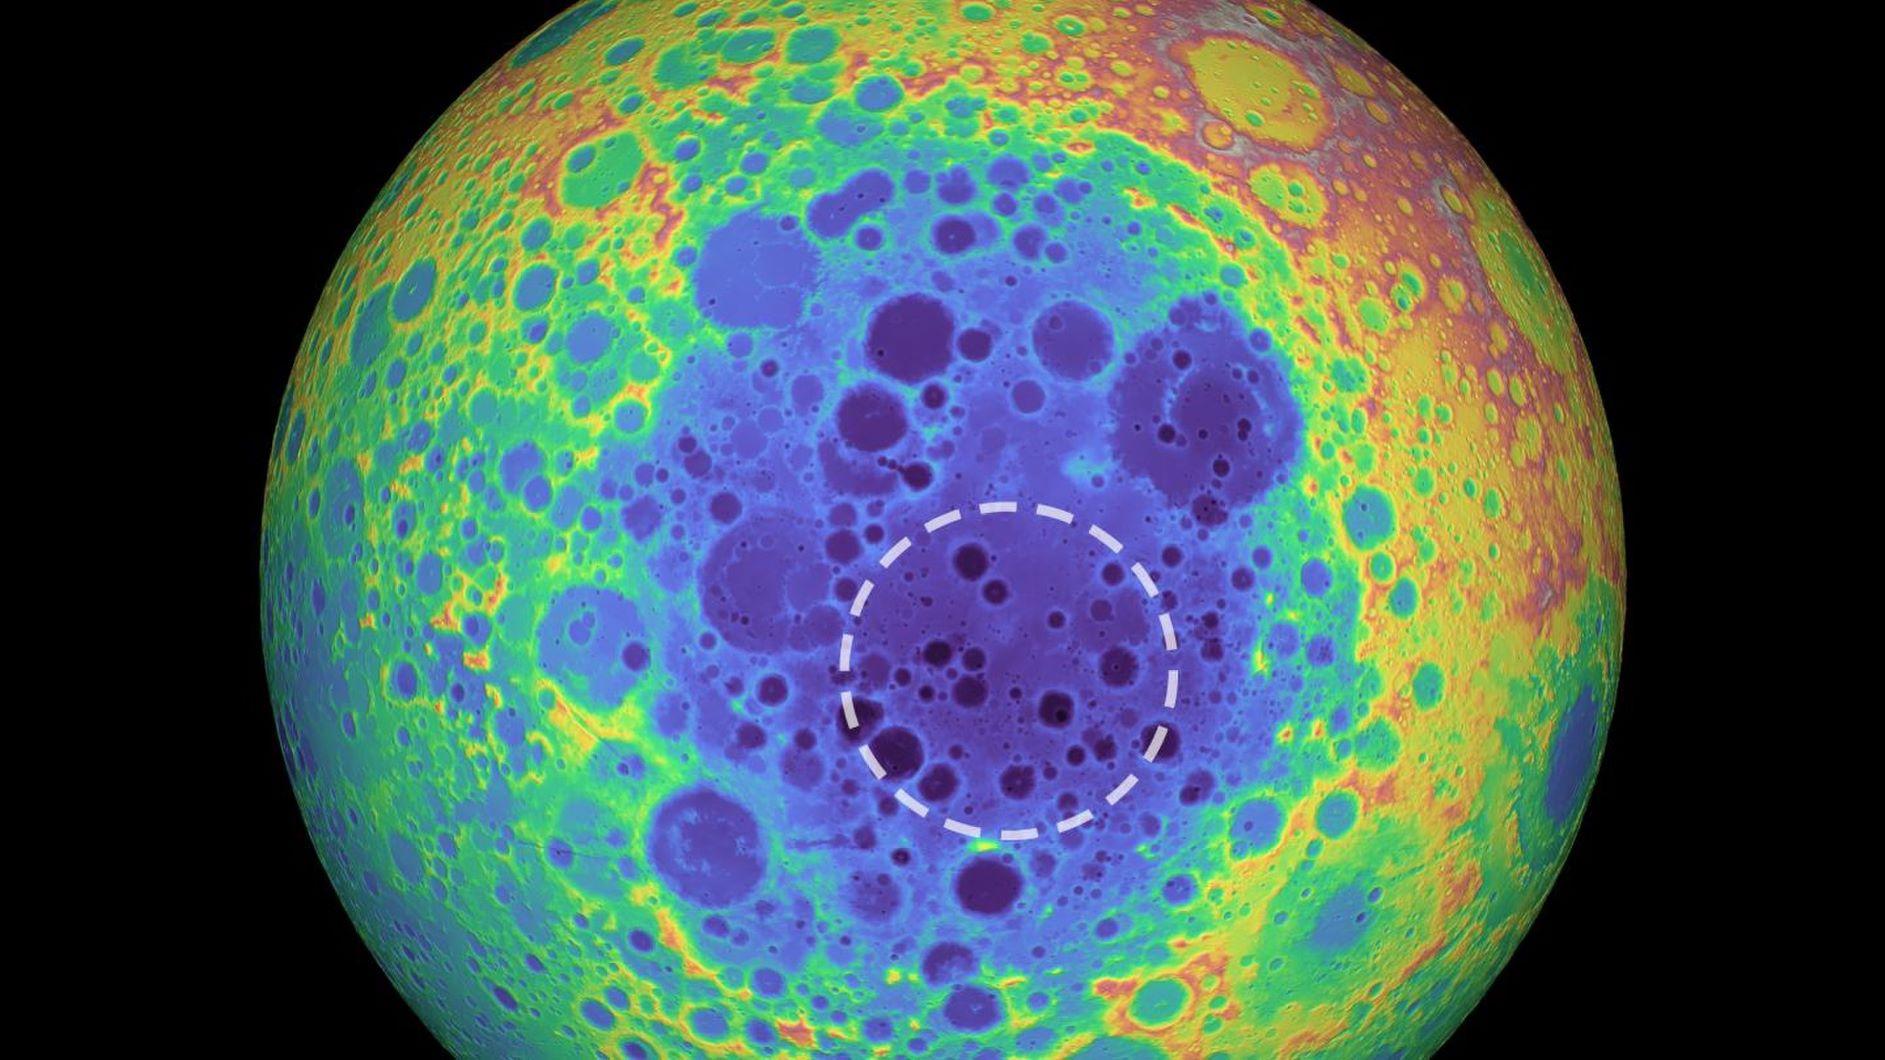 Ученые опровергли популярную теорию о формировании крупнейшего лунного кратера.Вокруг Света. Украина